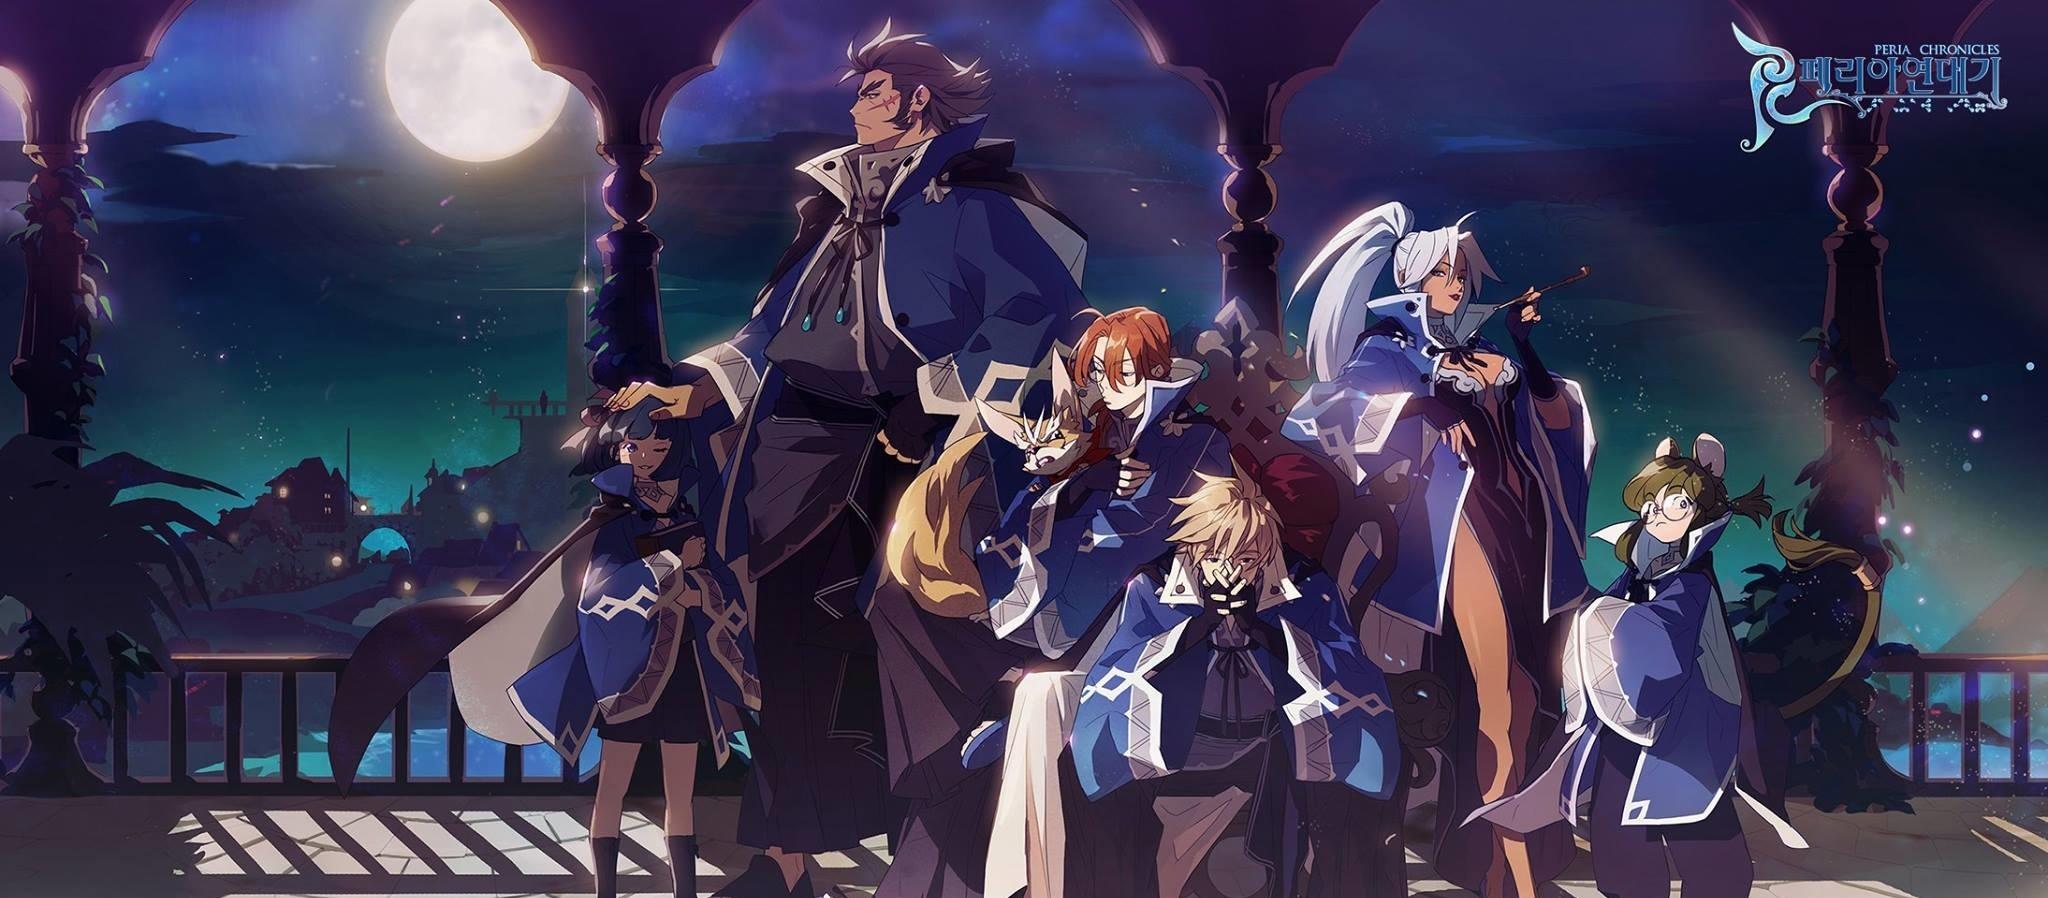 Peria Chronicles: Das sagen Spieler zum Anime-MMO nach der 1. Testphase